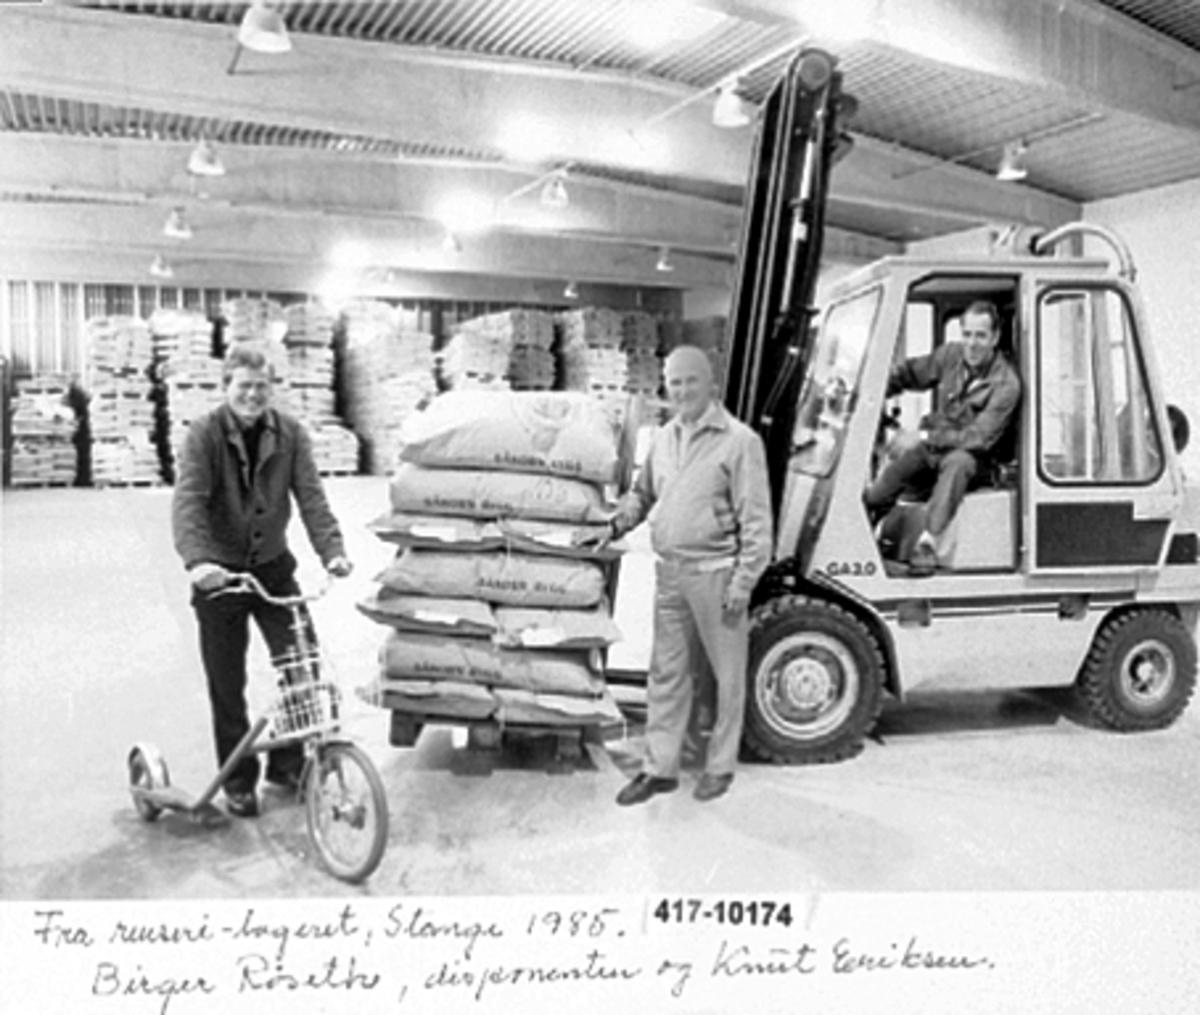 HEDMARK FRØFORRETNING OG BRENNERI A. S, NYTT LAGER TATT I BRUK 02. 01. 1967, RENSERILAGERET, FRA VENSTRE: BIRGER RØSETH, DISPONENT GULBRAND GJESTVANG OG KNUT ERIKSEN PÅ TRUCK